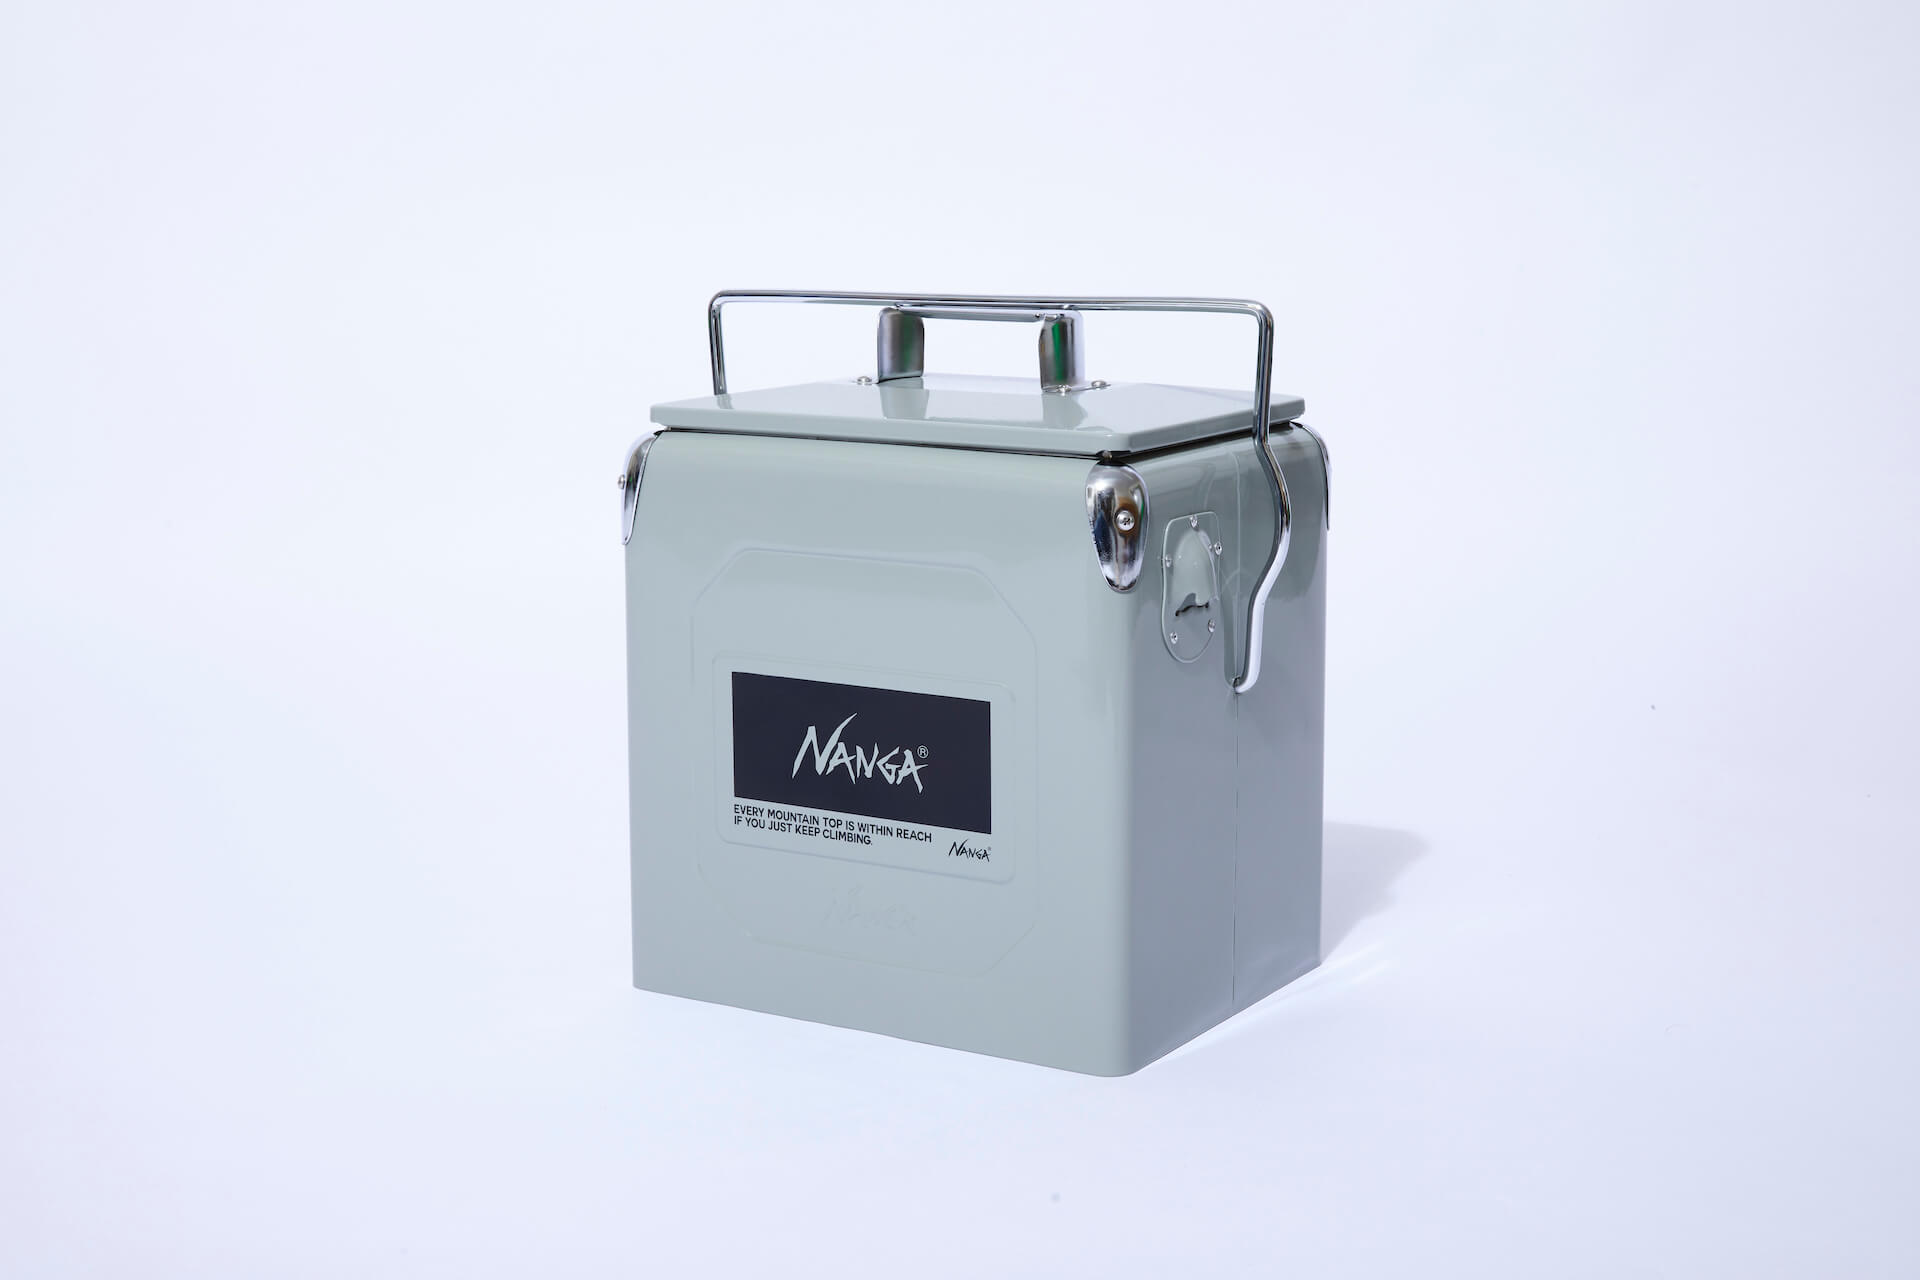 ダウンプロダクトメーカーのNANGAがGO OUT Onlineを完全ジャック!豪華アイテムが抽選で当たるプレゼント企画も fashion211012_nanga-010